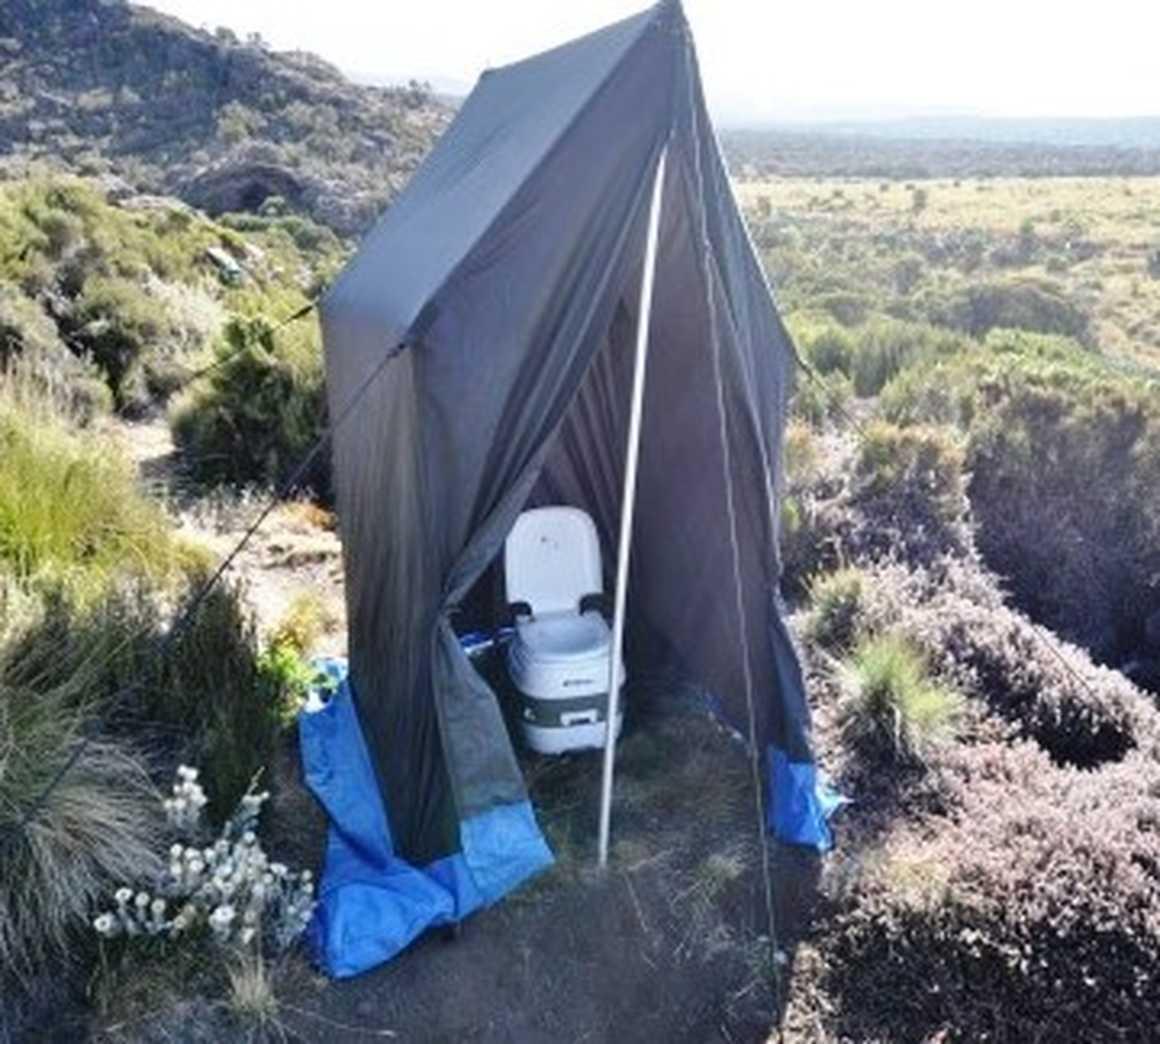 Private toilet in Kilimanjaro